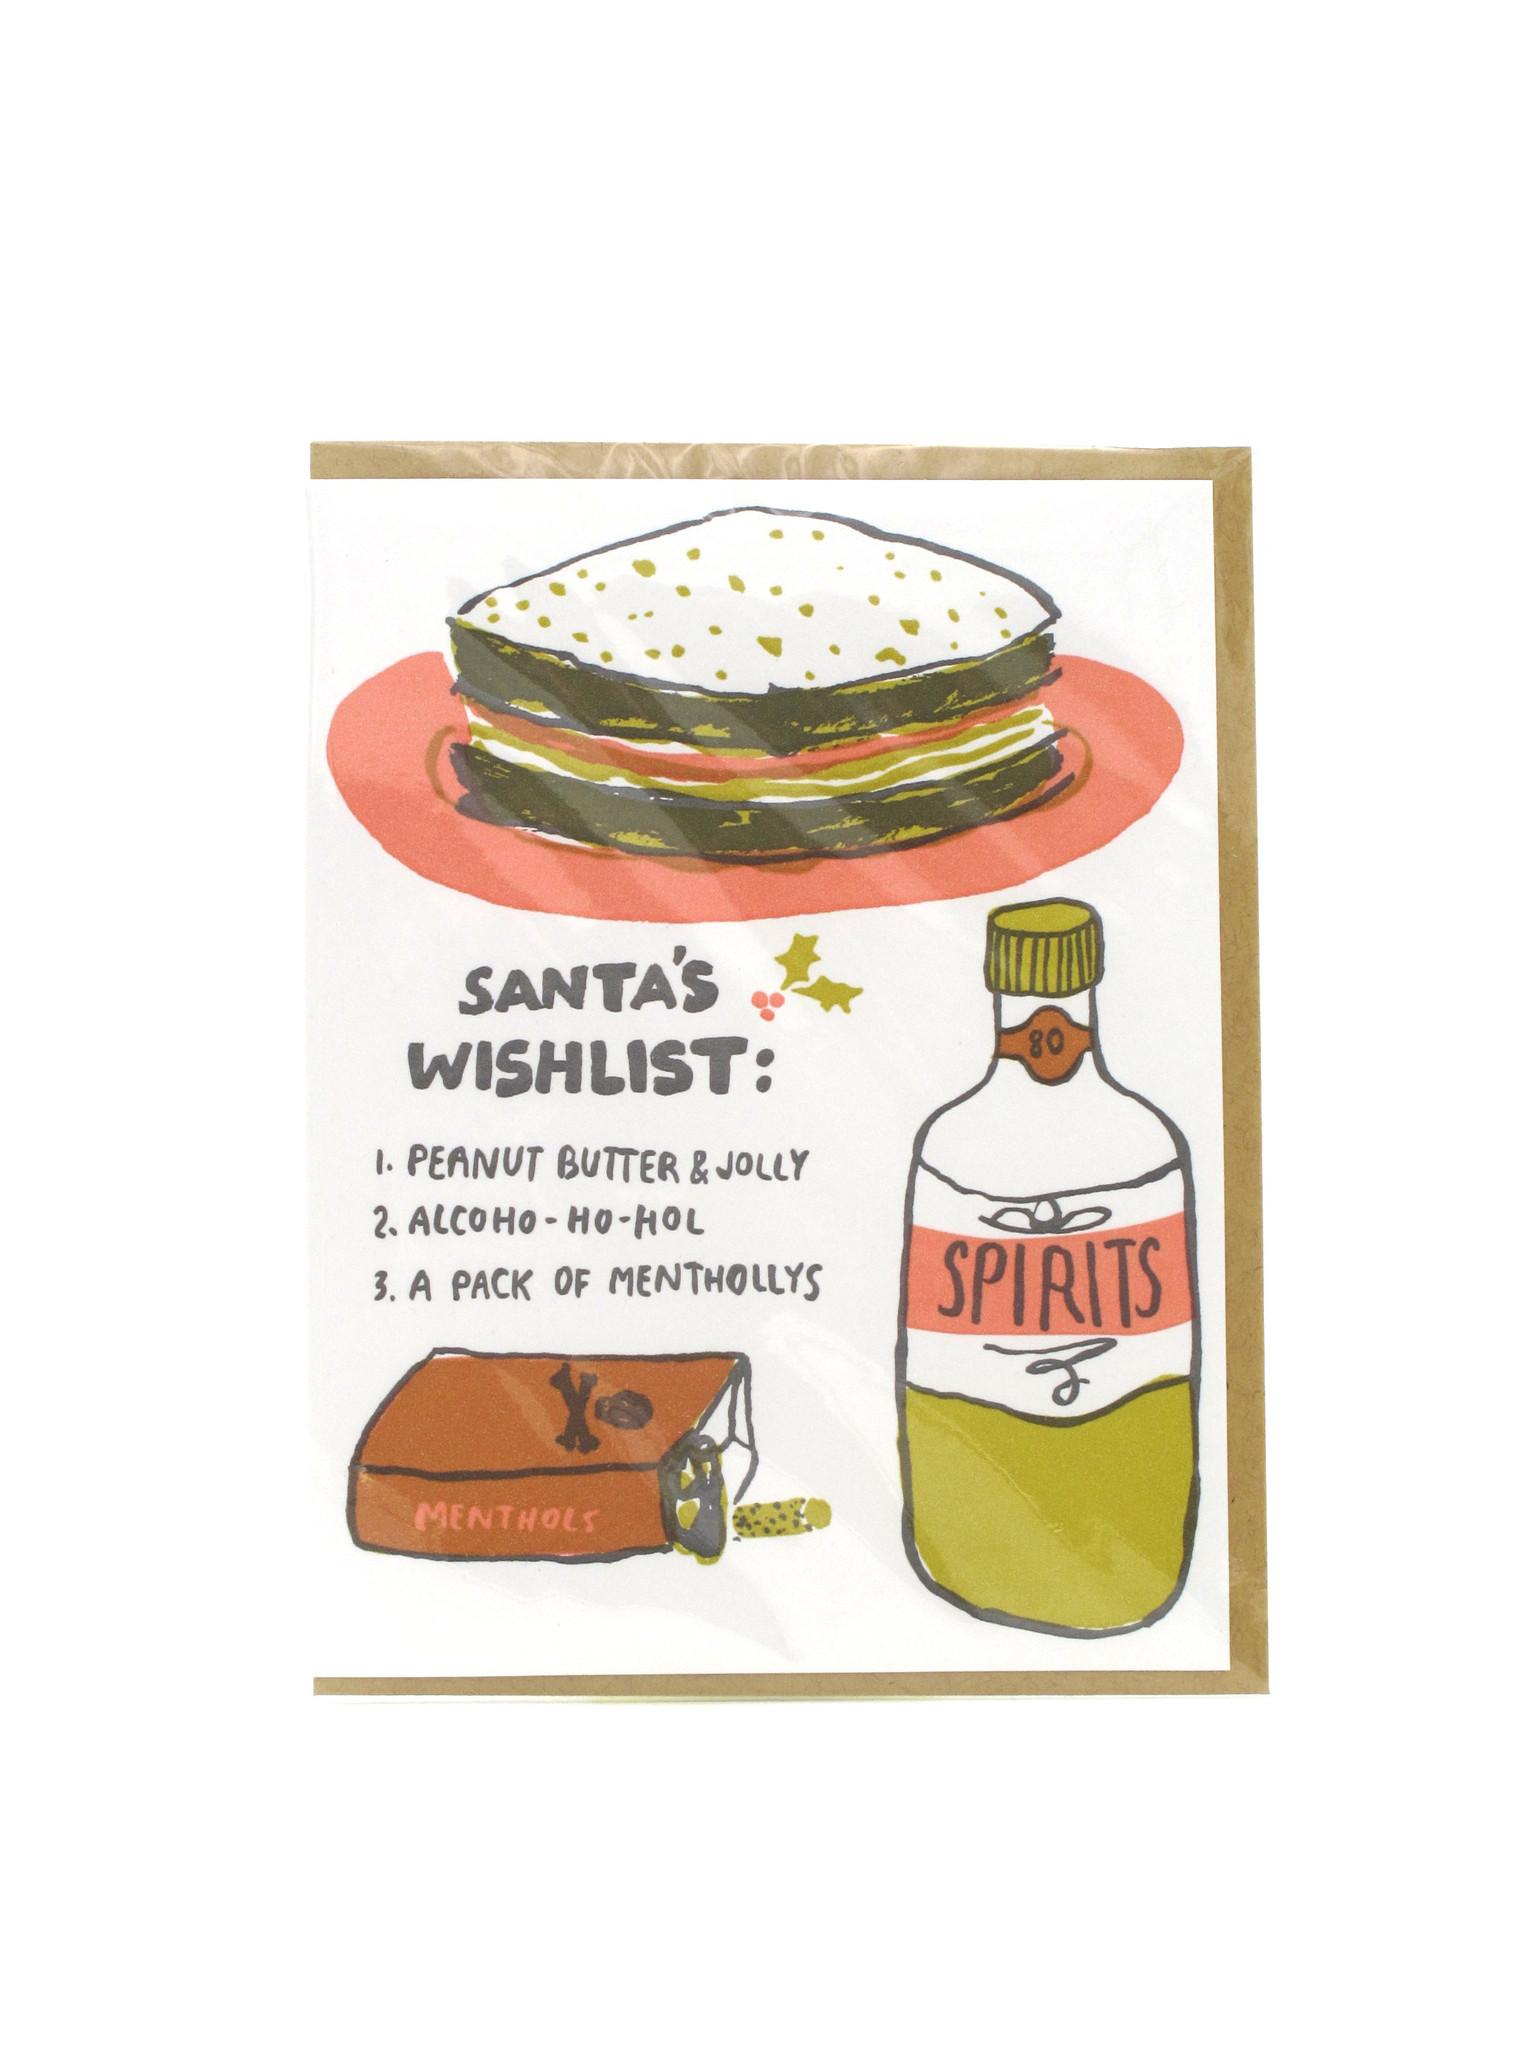 Egg Press Santa's Wish List Holiday Greeting Card